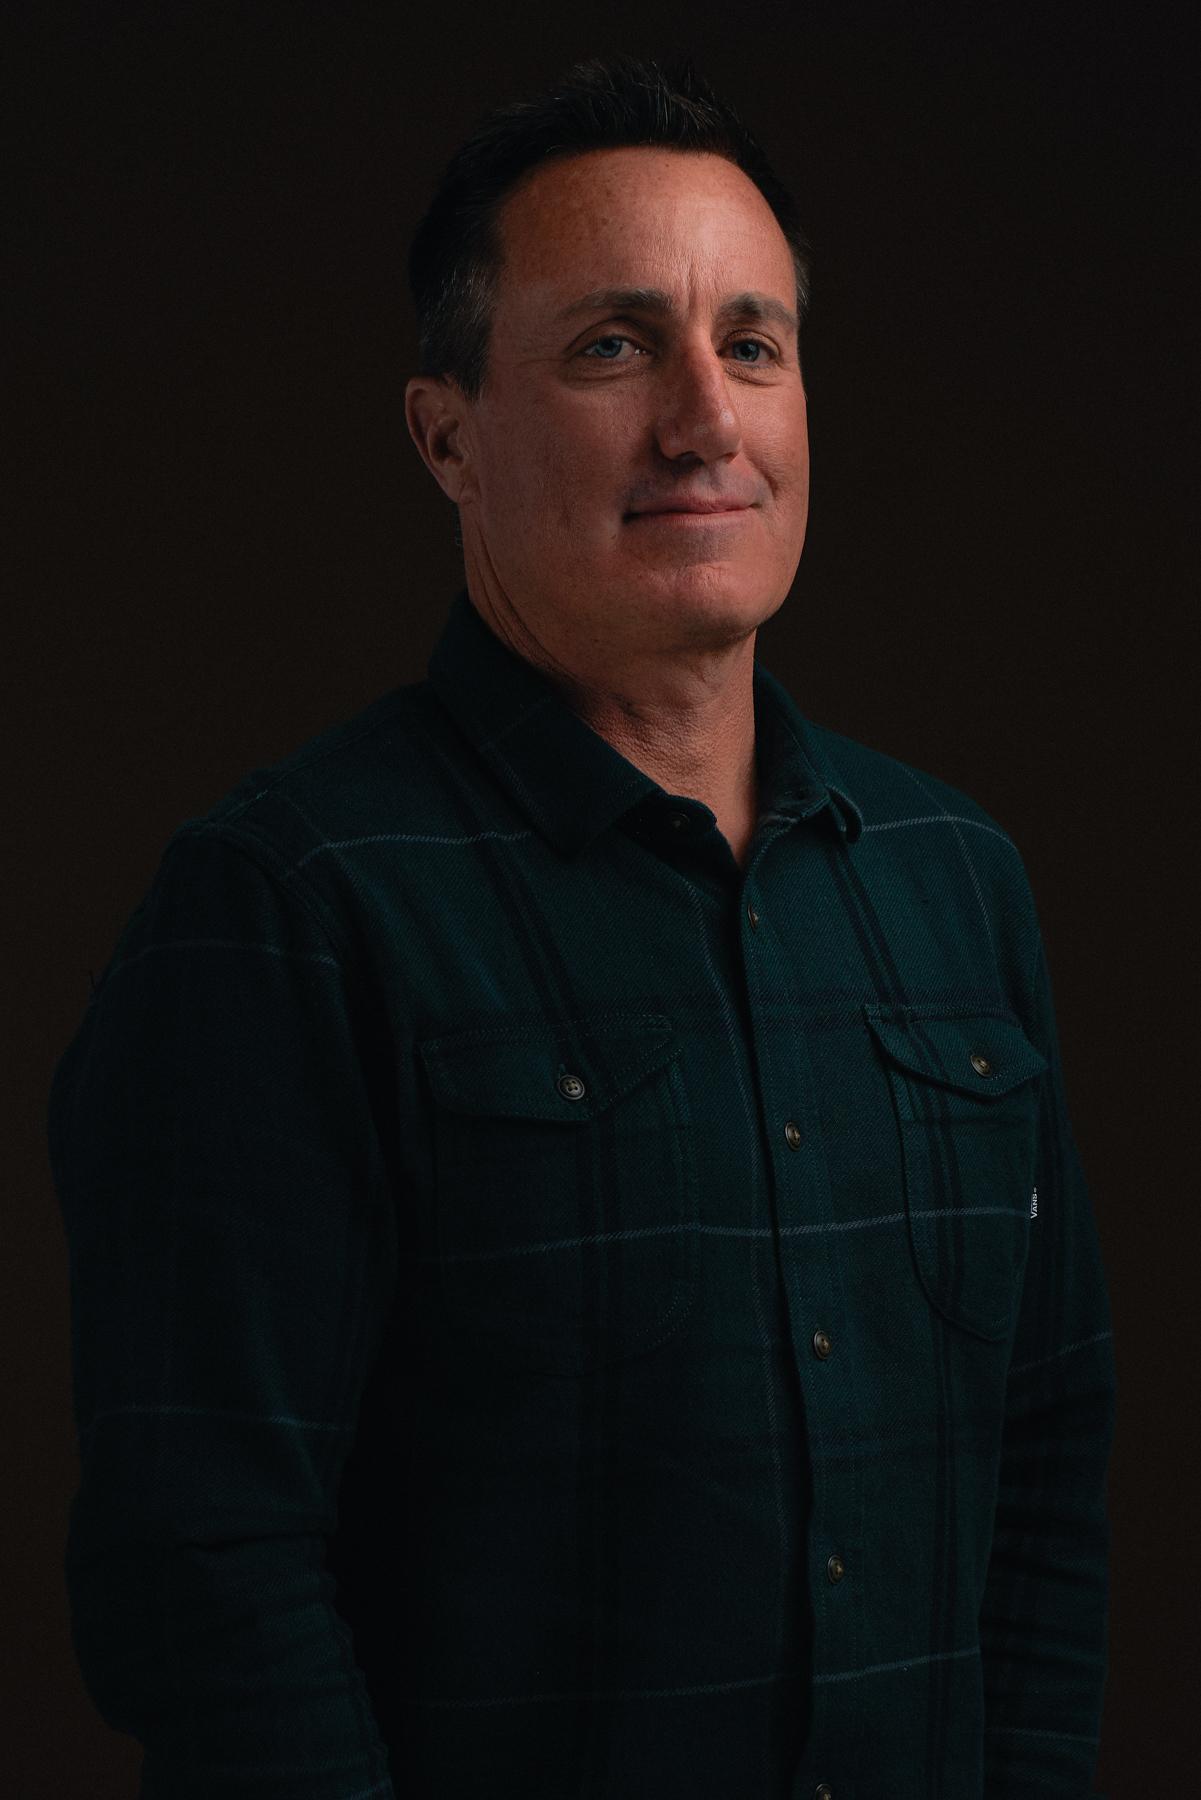 Michael Jones - Project Superintendent | mjones@cltvt.com | 619.204.9836